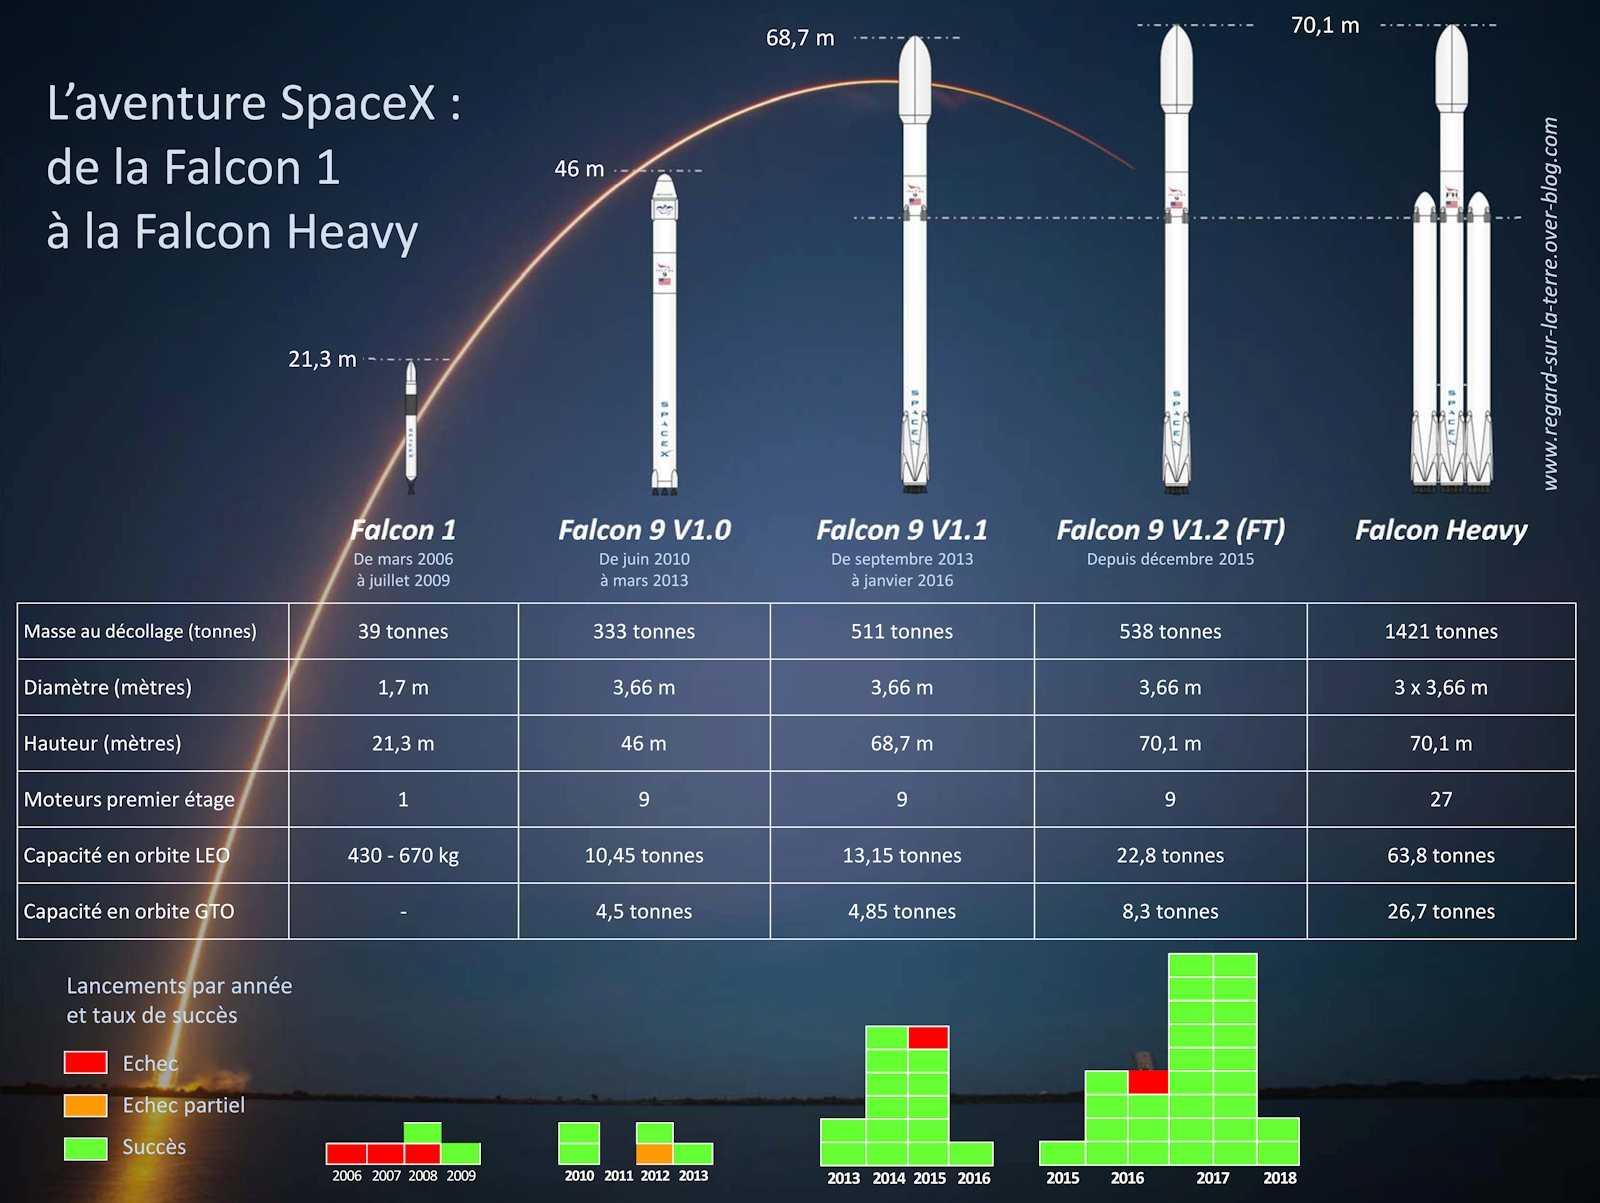 Улетели висторию: как spacex илона маска смогла обогнать «роскосмос» так сильно итак быстро?